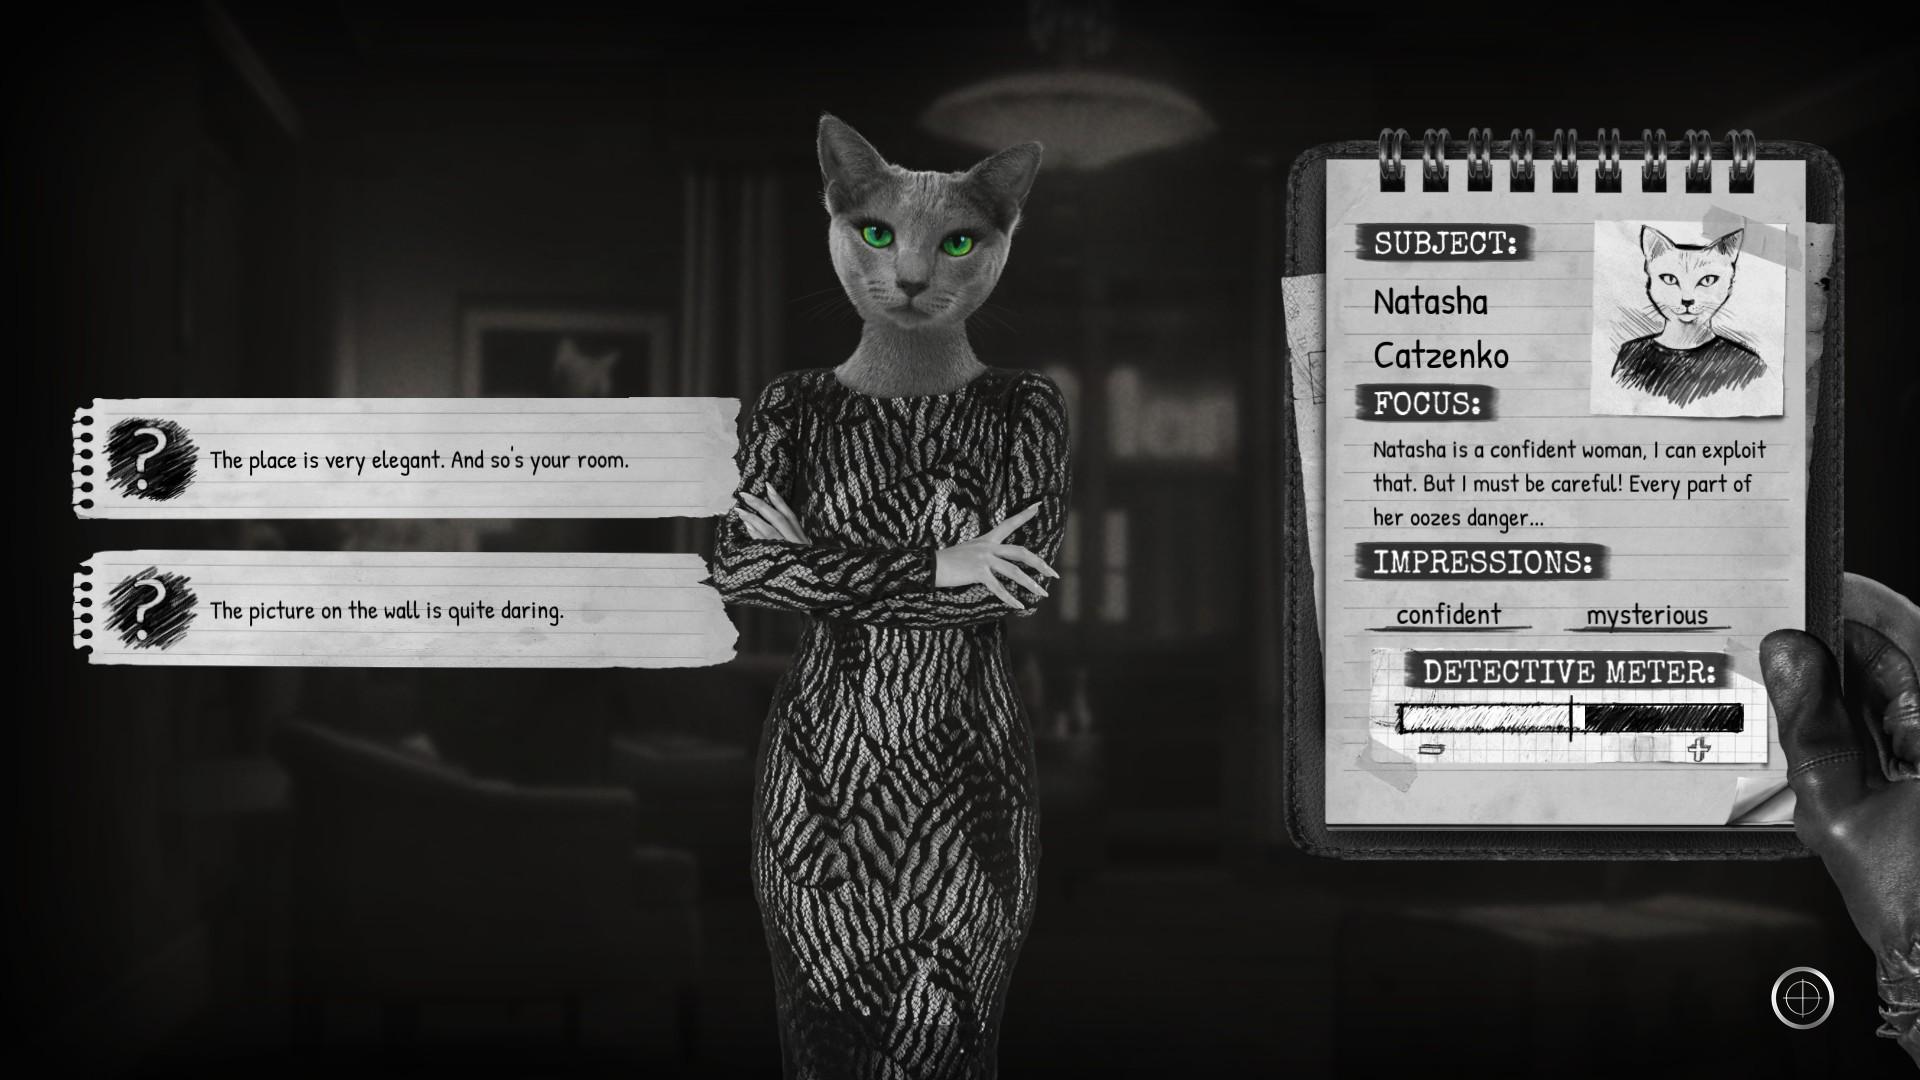 L'interrogatoire de Natasha Catzenko.